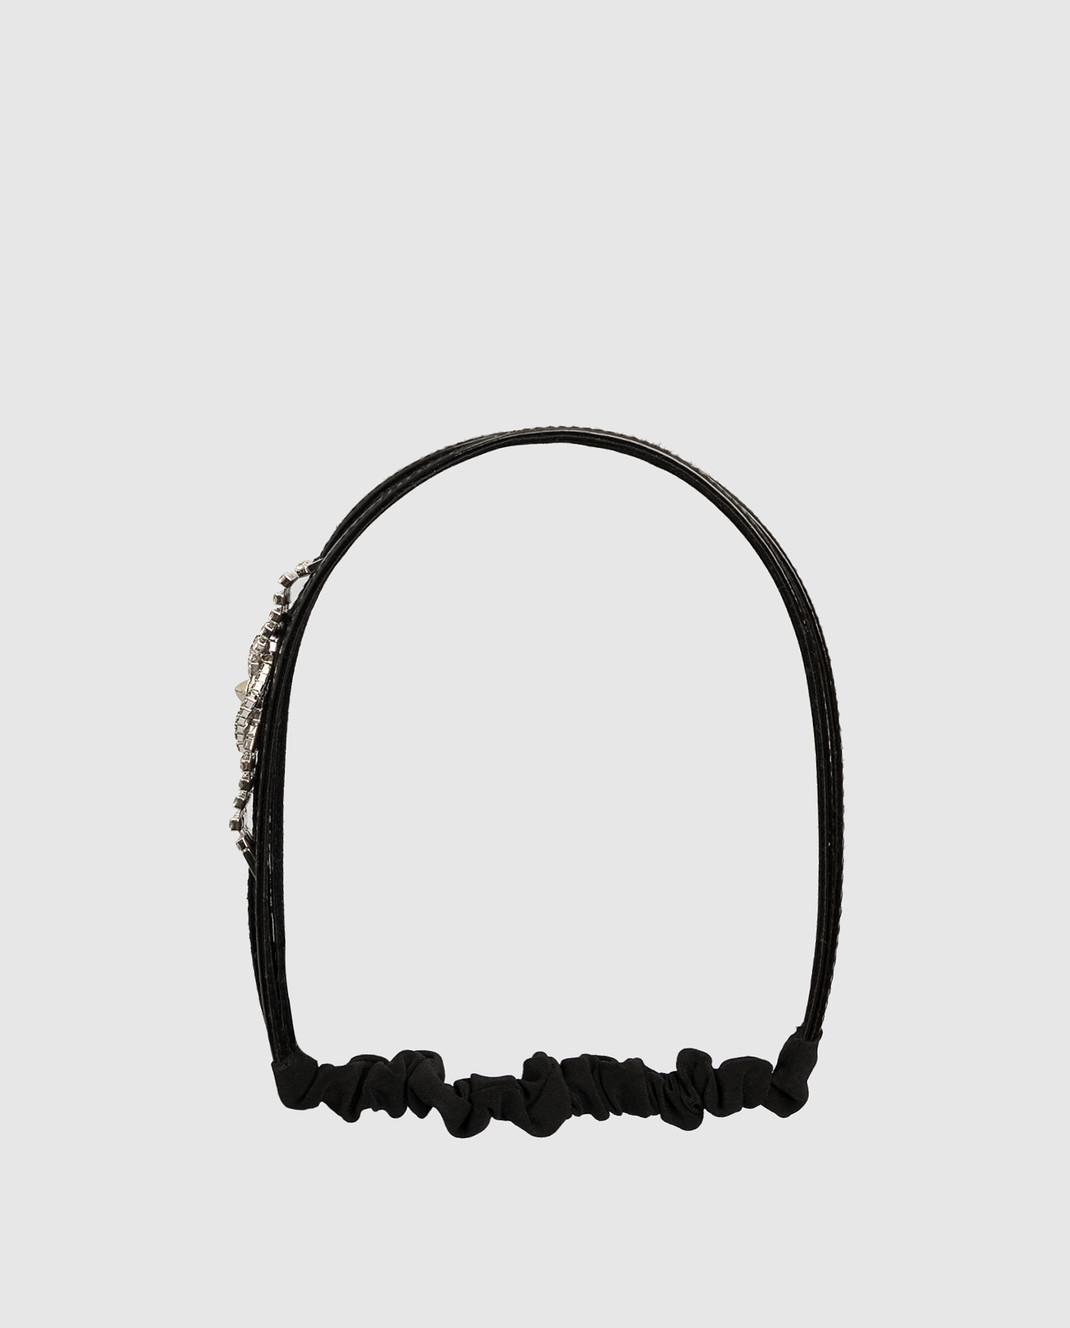 Alexandre De Paris Черный кожаный ободок с кристаллами THB036CA13